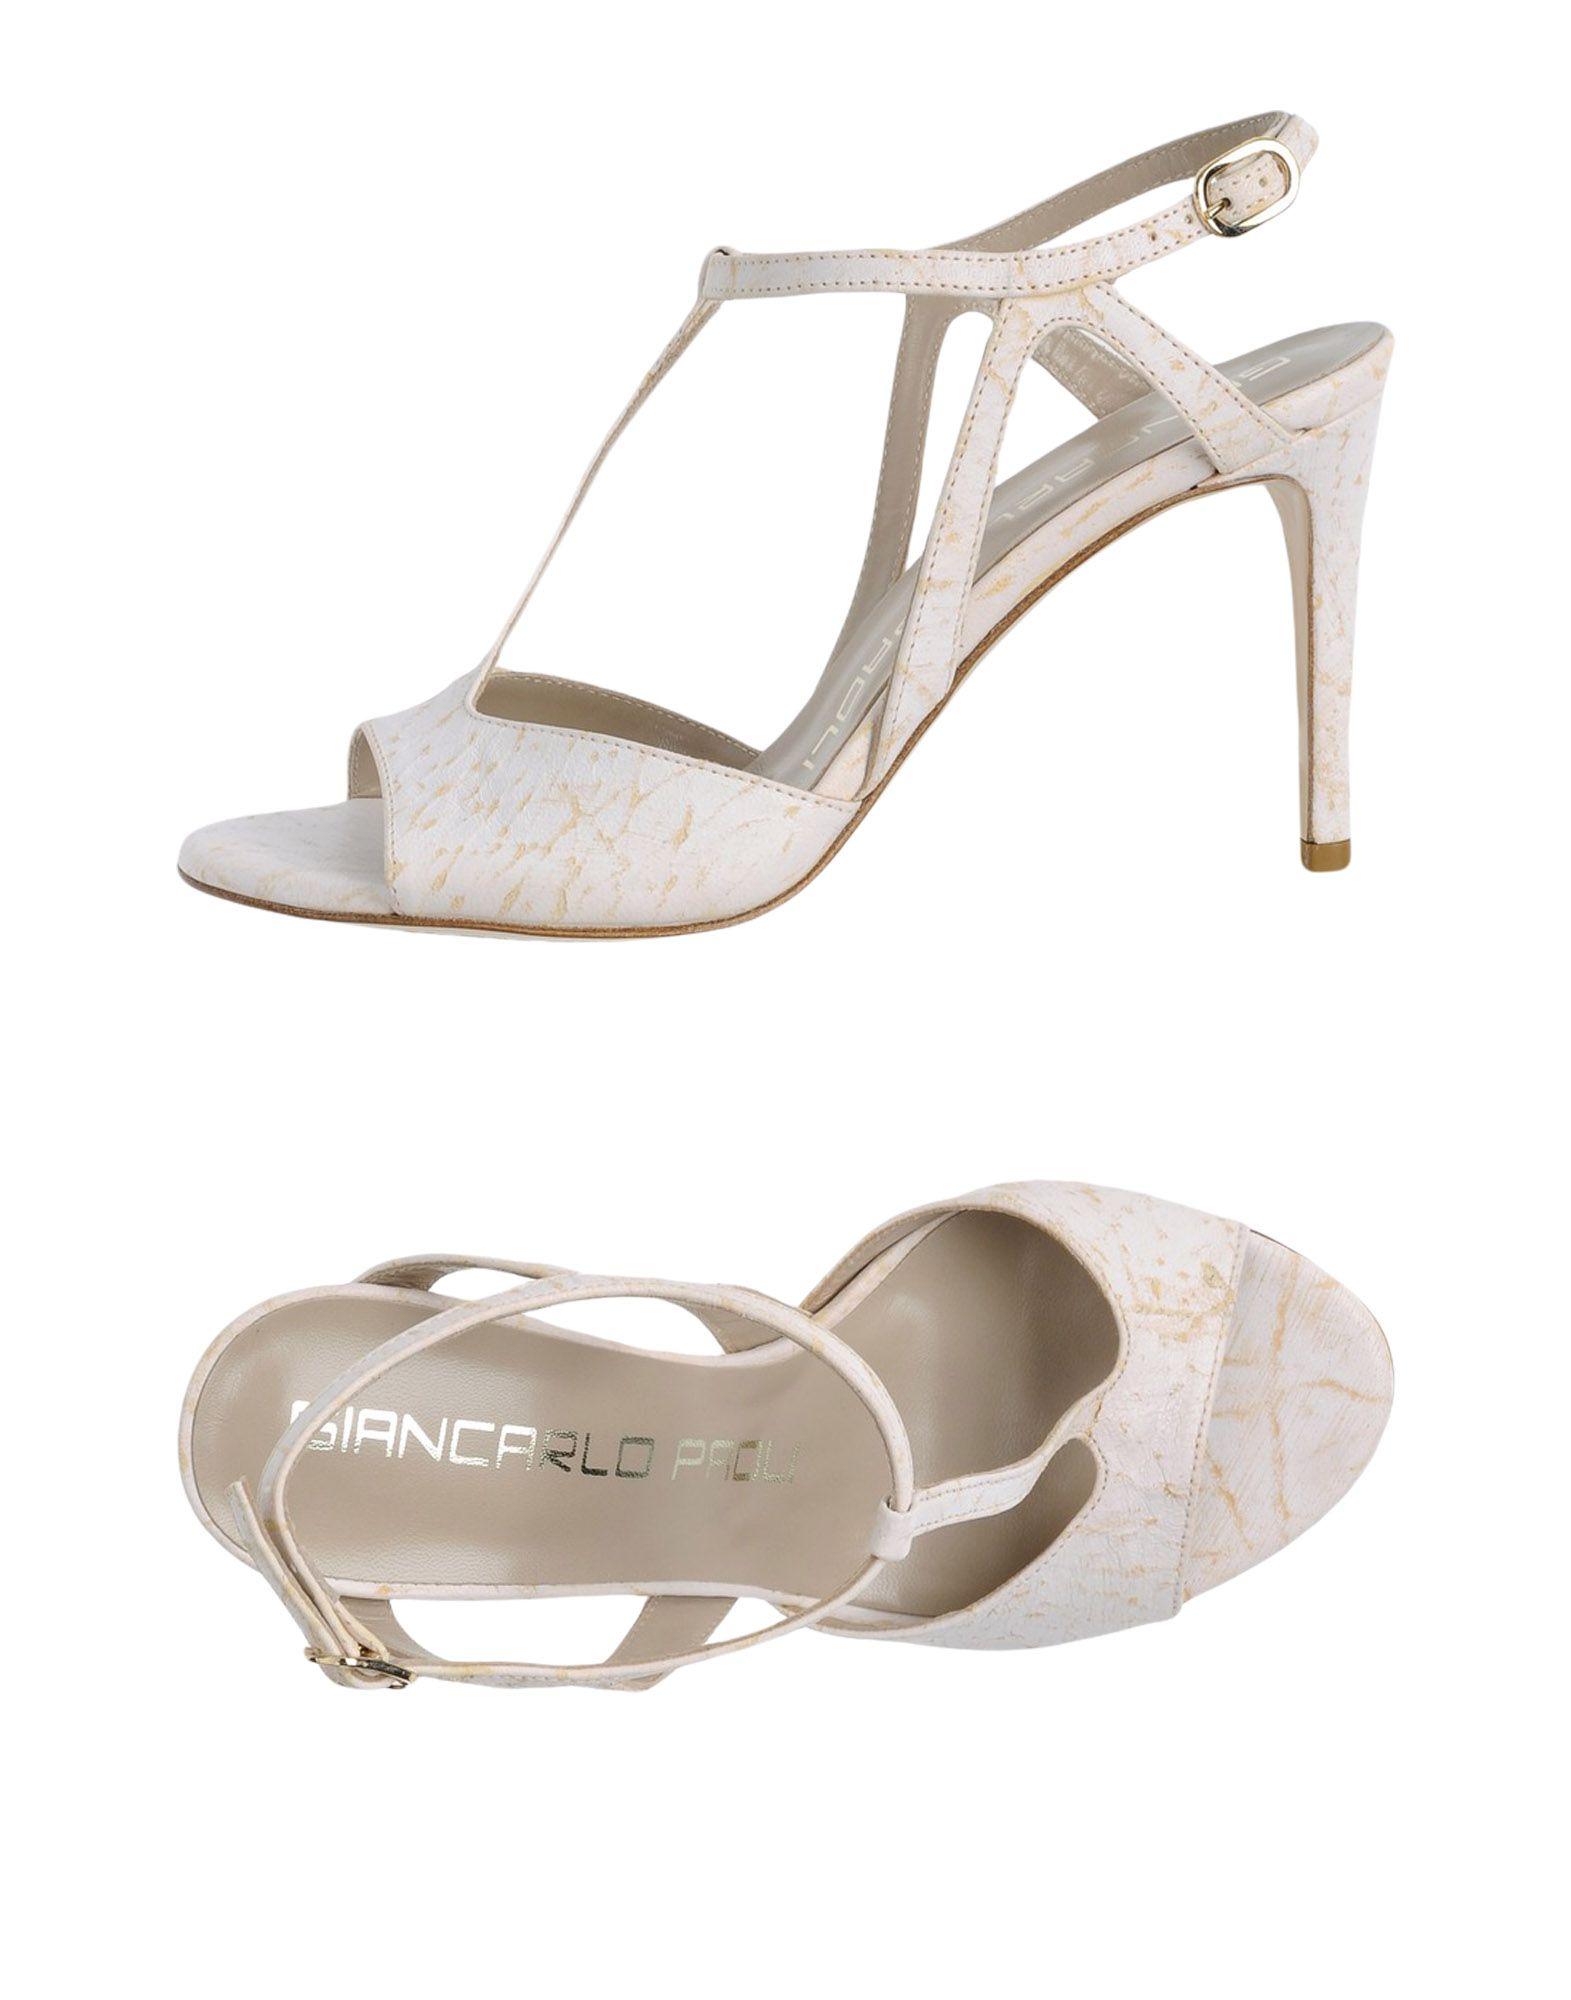 Giancarlo Paoli Sandalen Damen  11337162PD Gute Qualität beliebte Schuhe